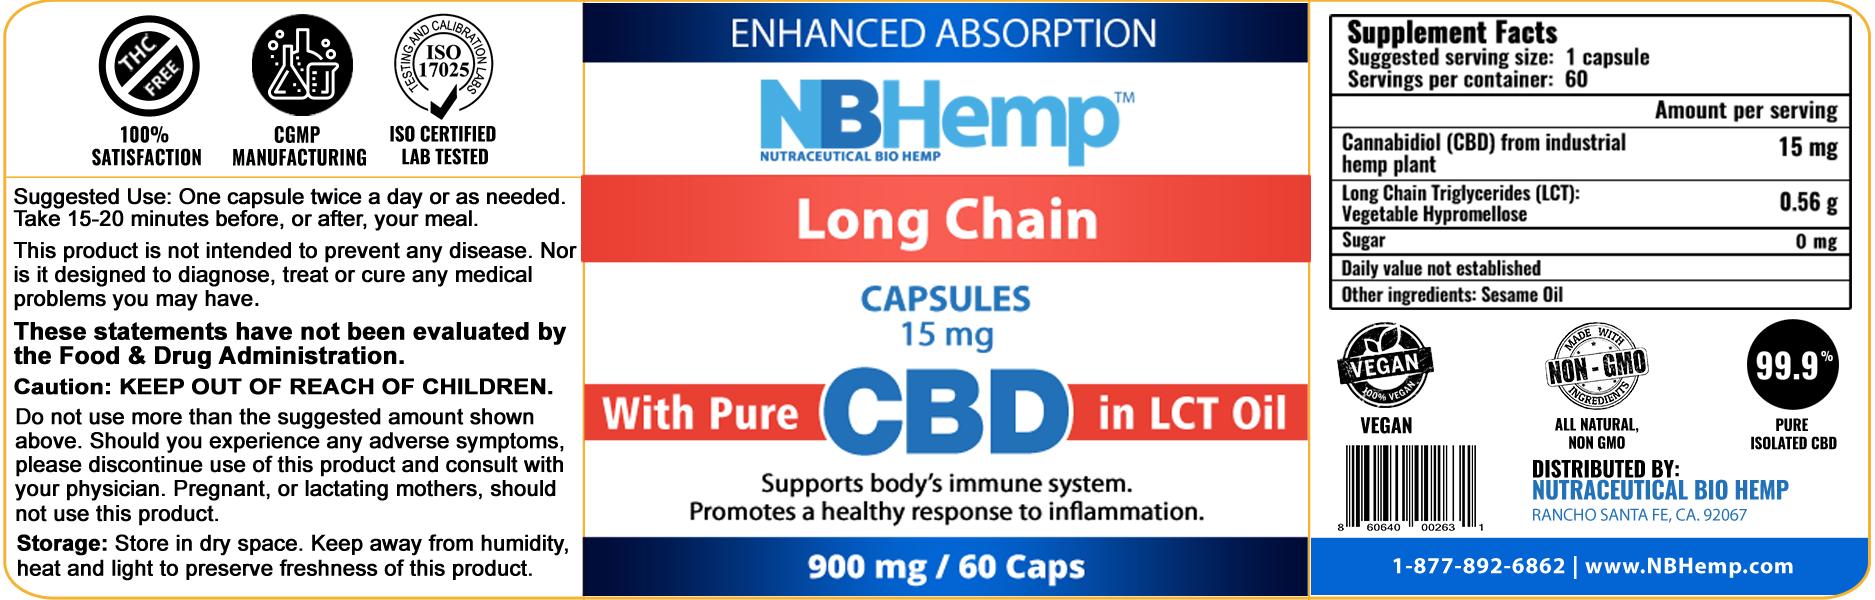 NBH-Label-Capsules